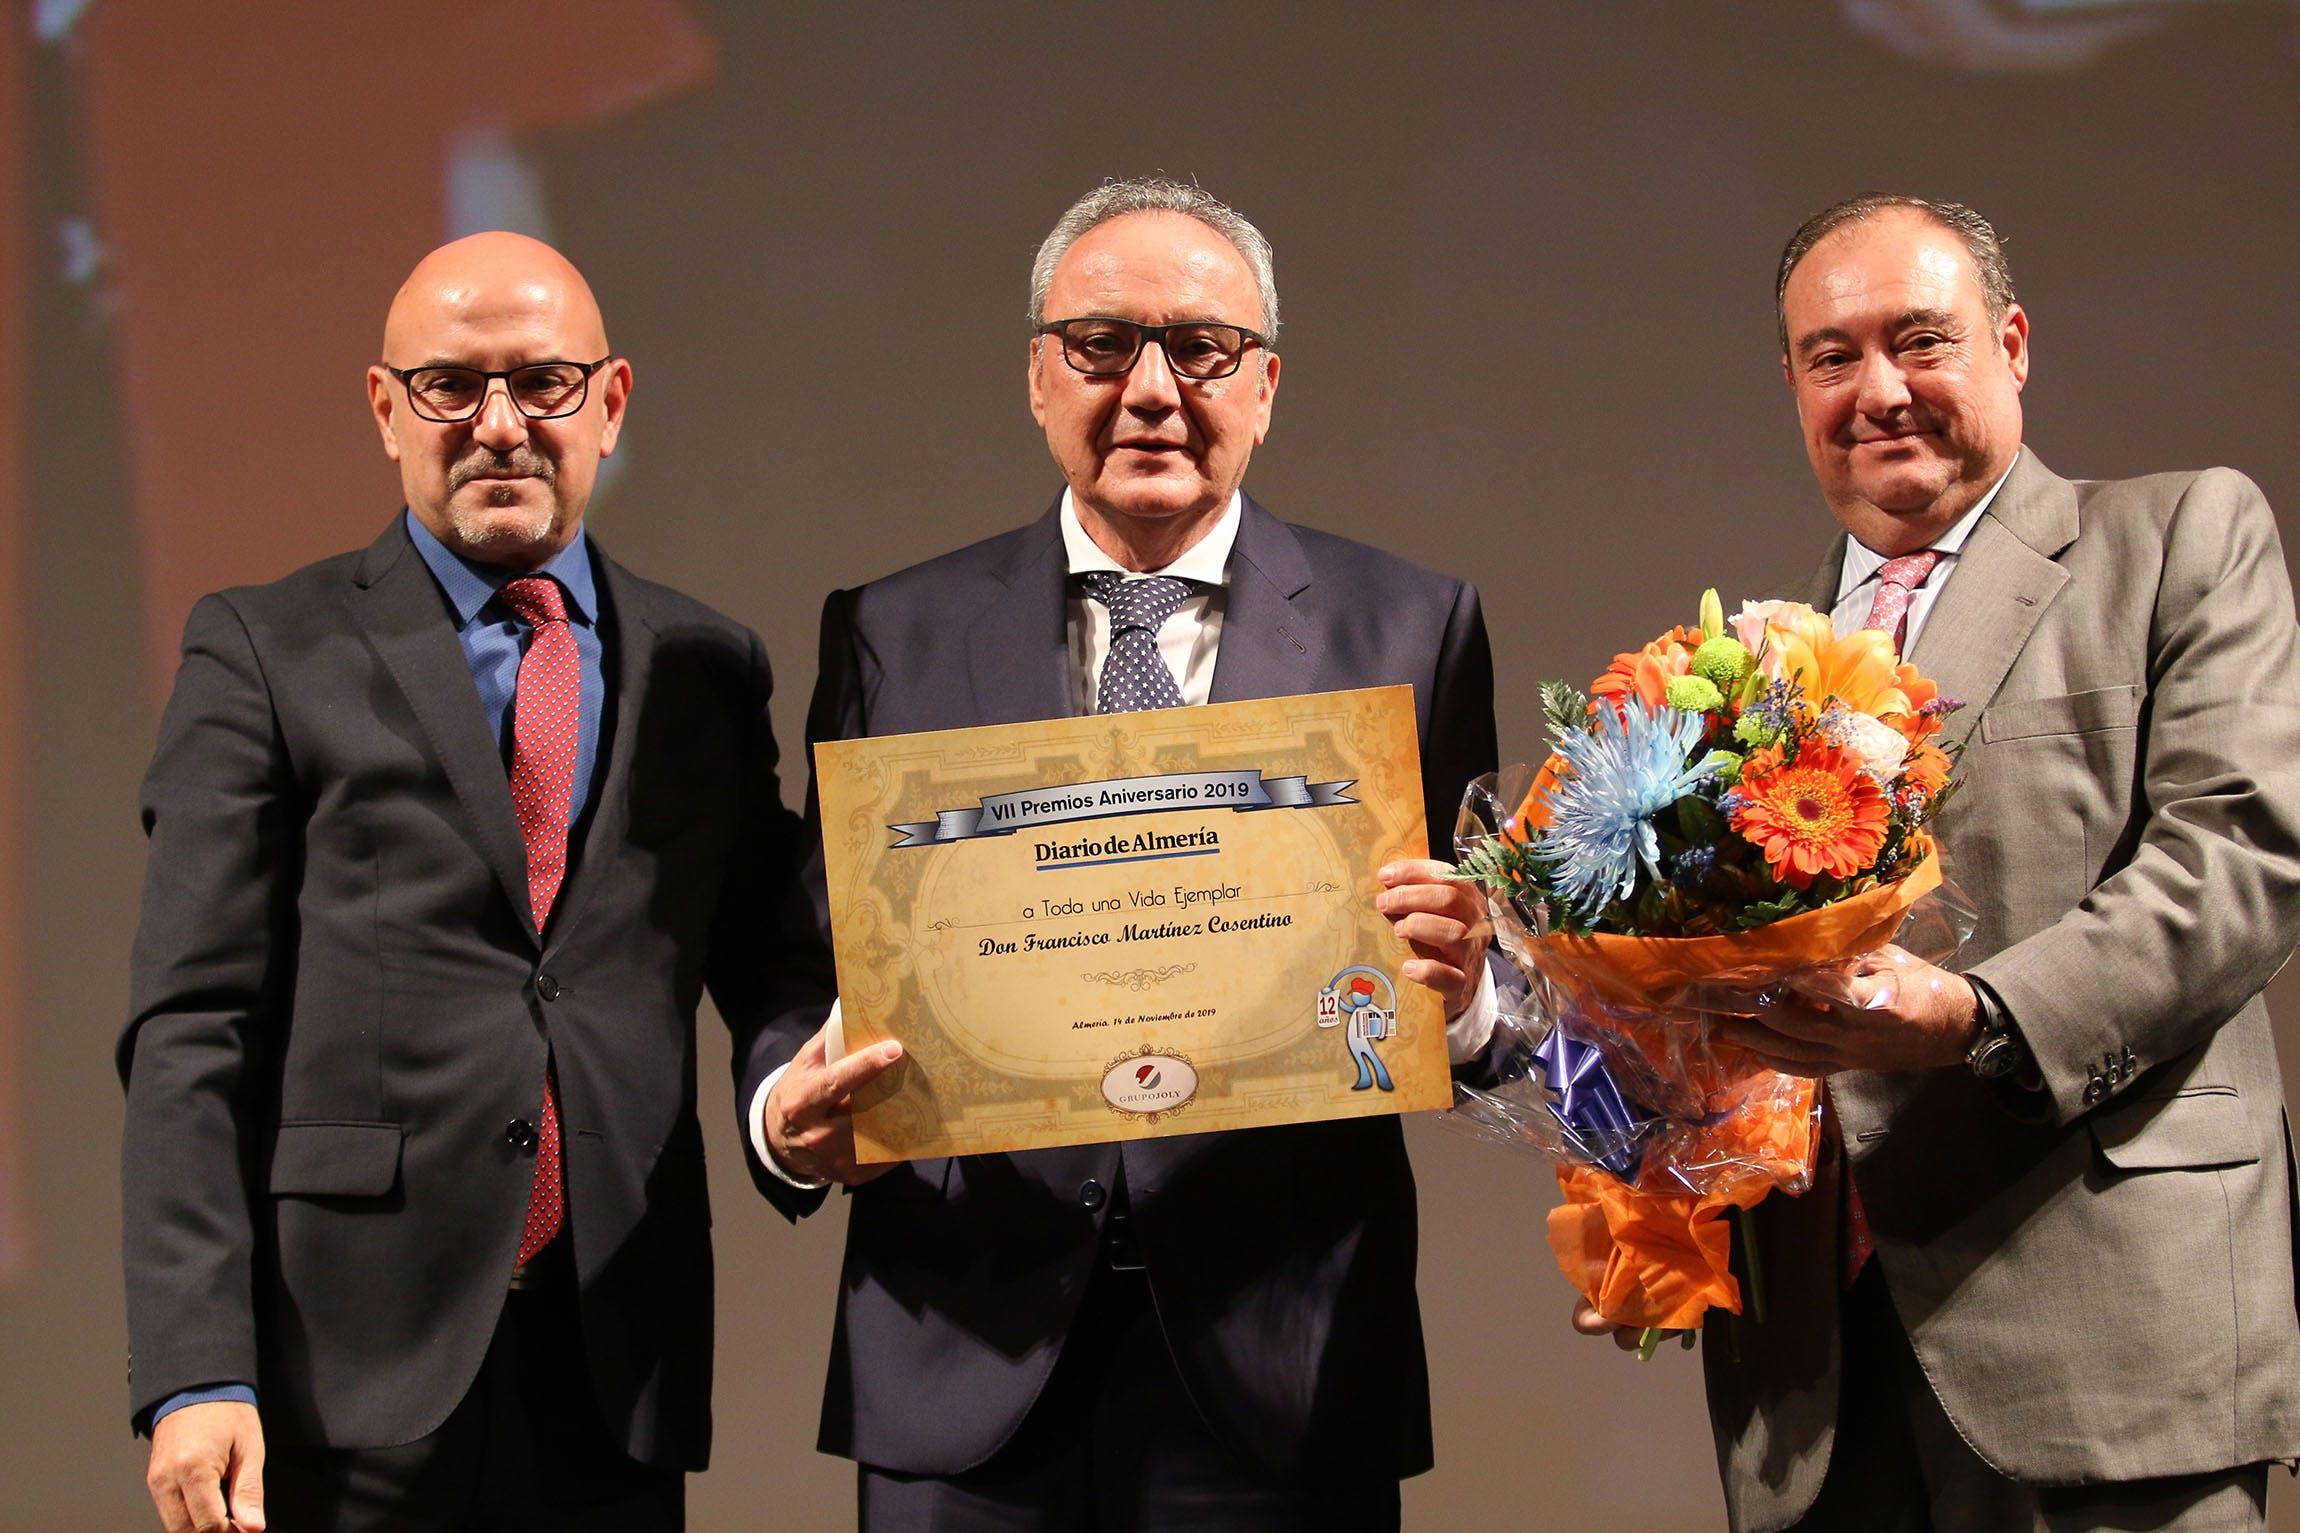 Image of cosentino3 1 in Francisco Martinez-Cosentino Justo recognized with Diario de Almeria 2019 Award - Cosentino